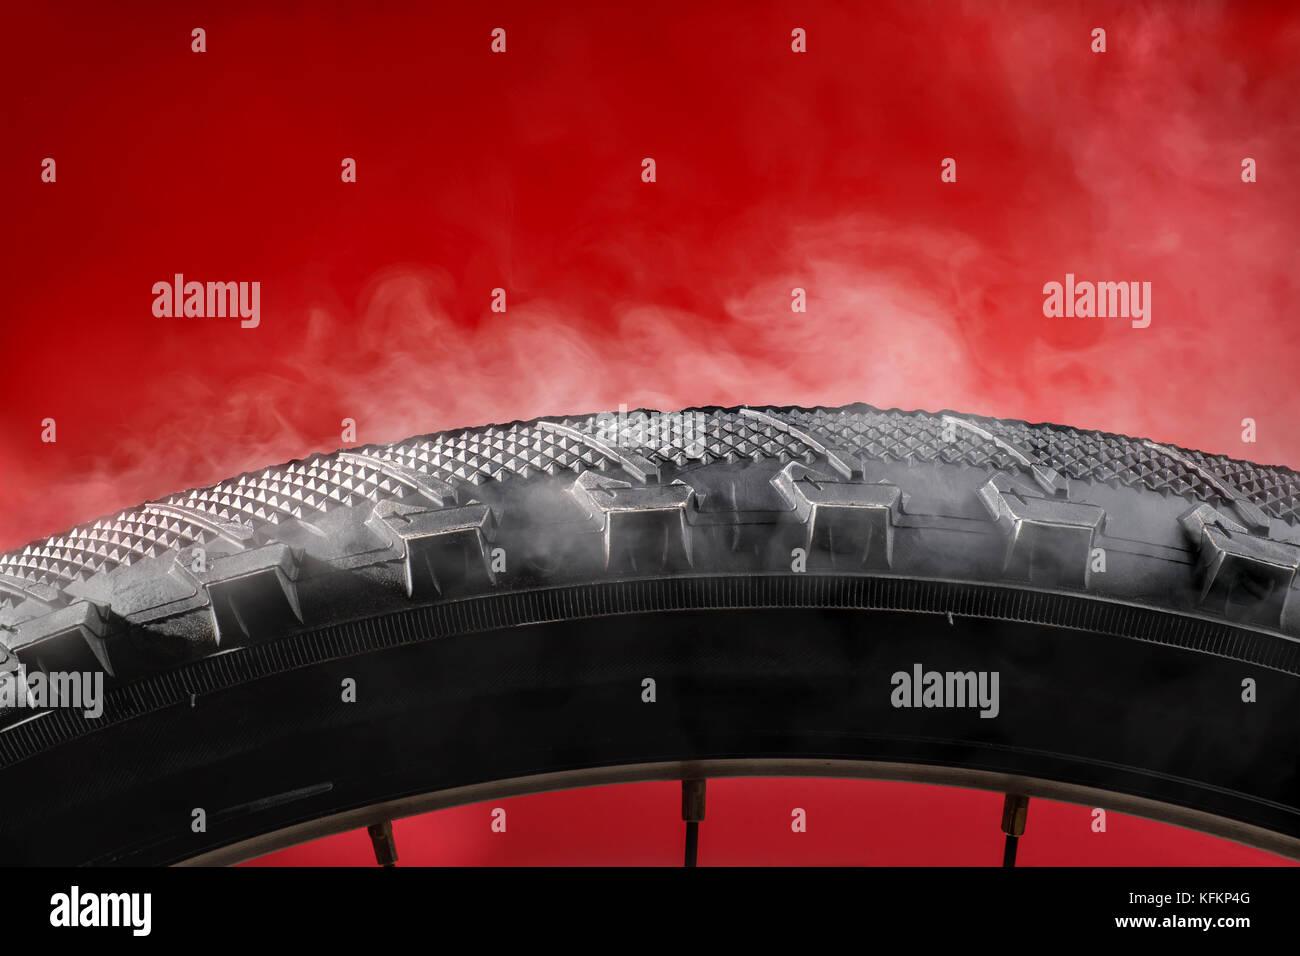 Fumatori bike pneumatico. su sfondo rosso Immagini Stock